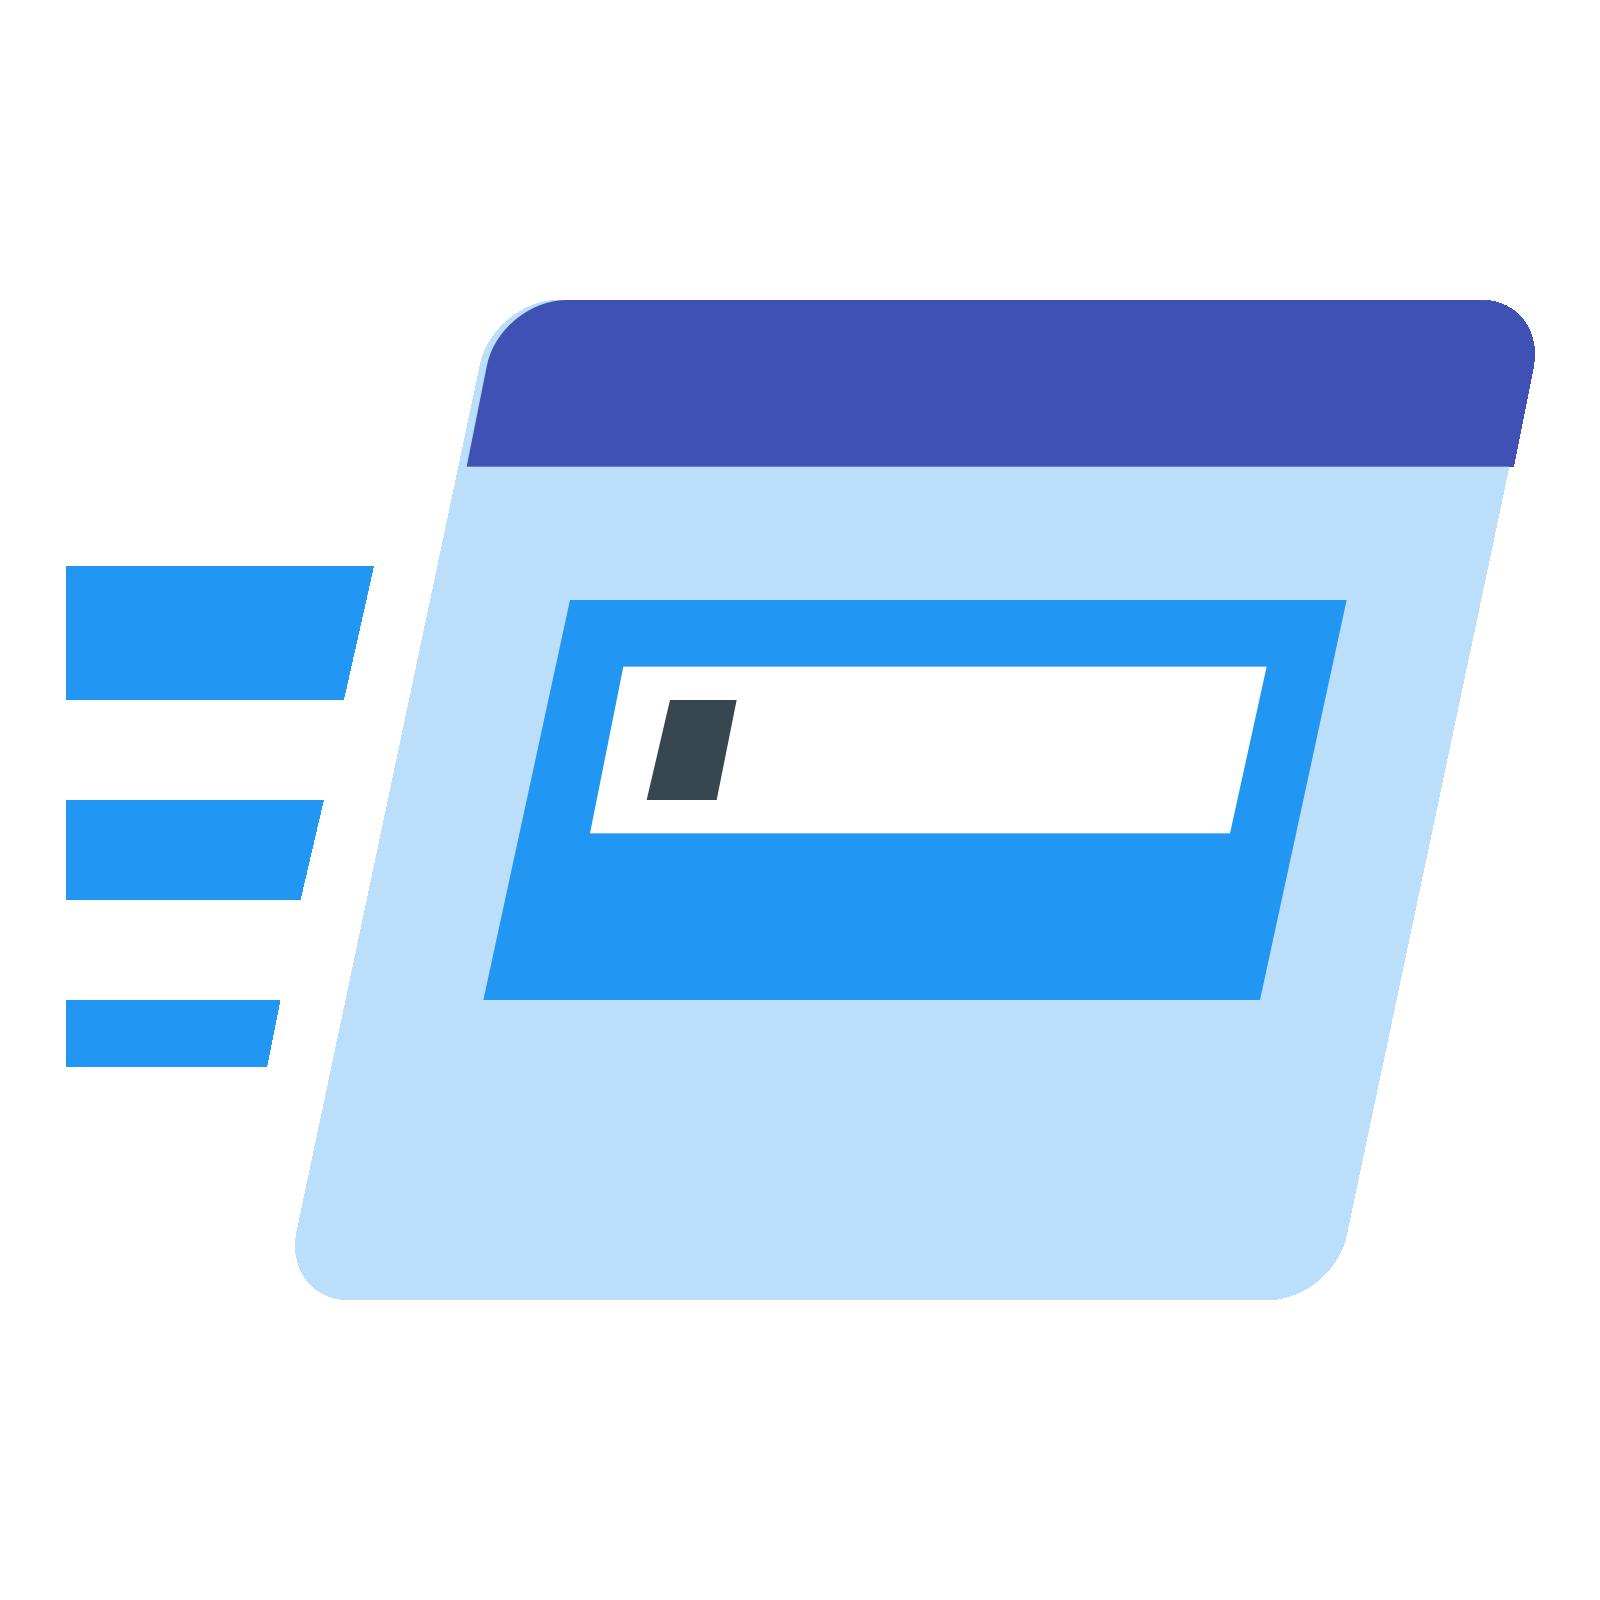 Run-Command 2.81 نرم افزار جایگزین Run ویندوز. دانلود Run-Command 2.81